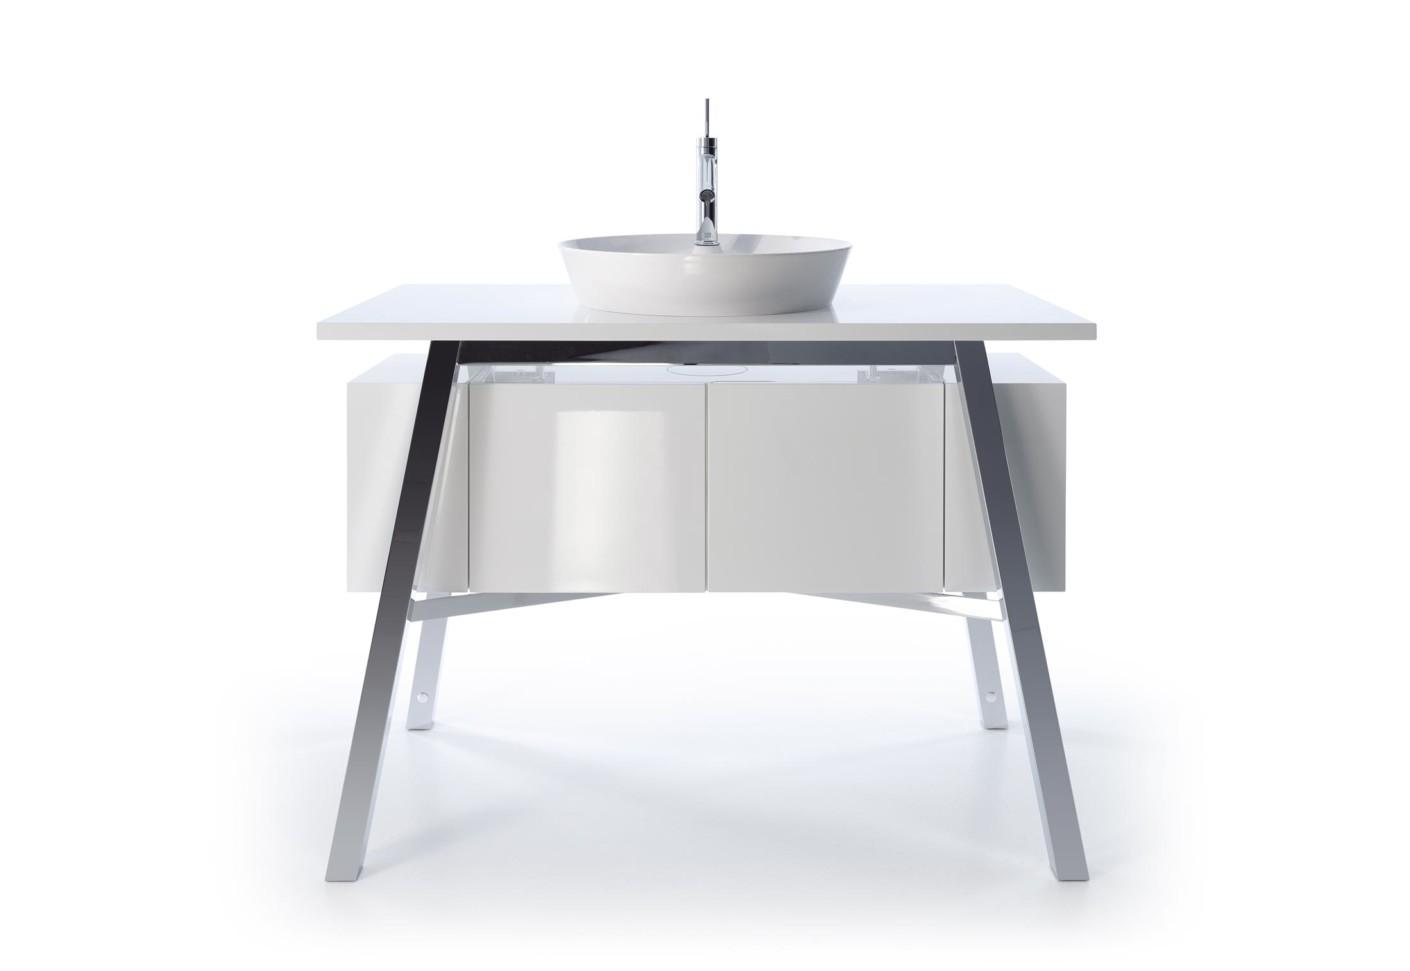 cape cod waschtisch mit unterschrank von duravit stylepark. Black Bedroom Furniture Sets. Home Design Ideas